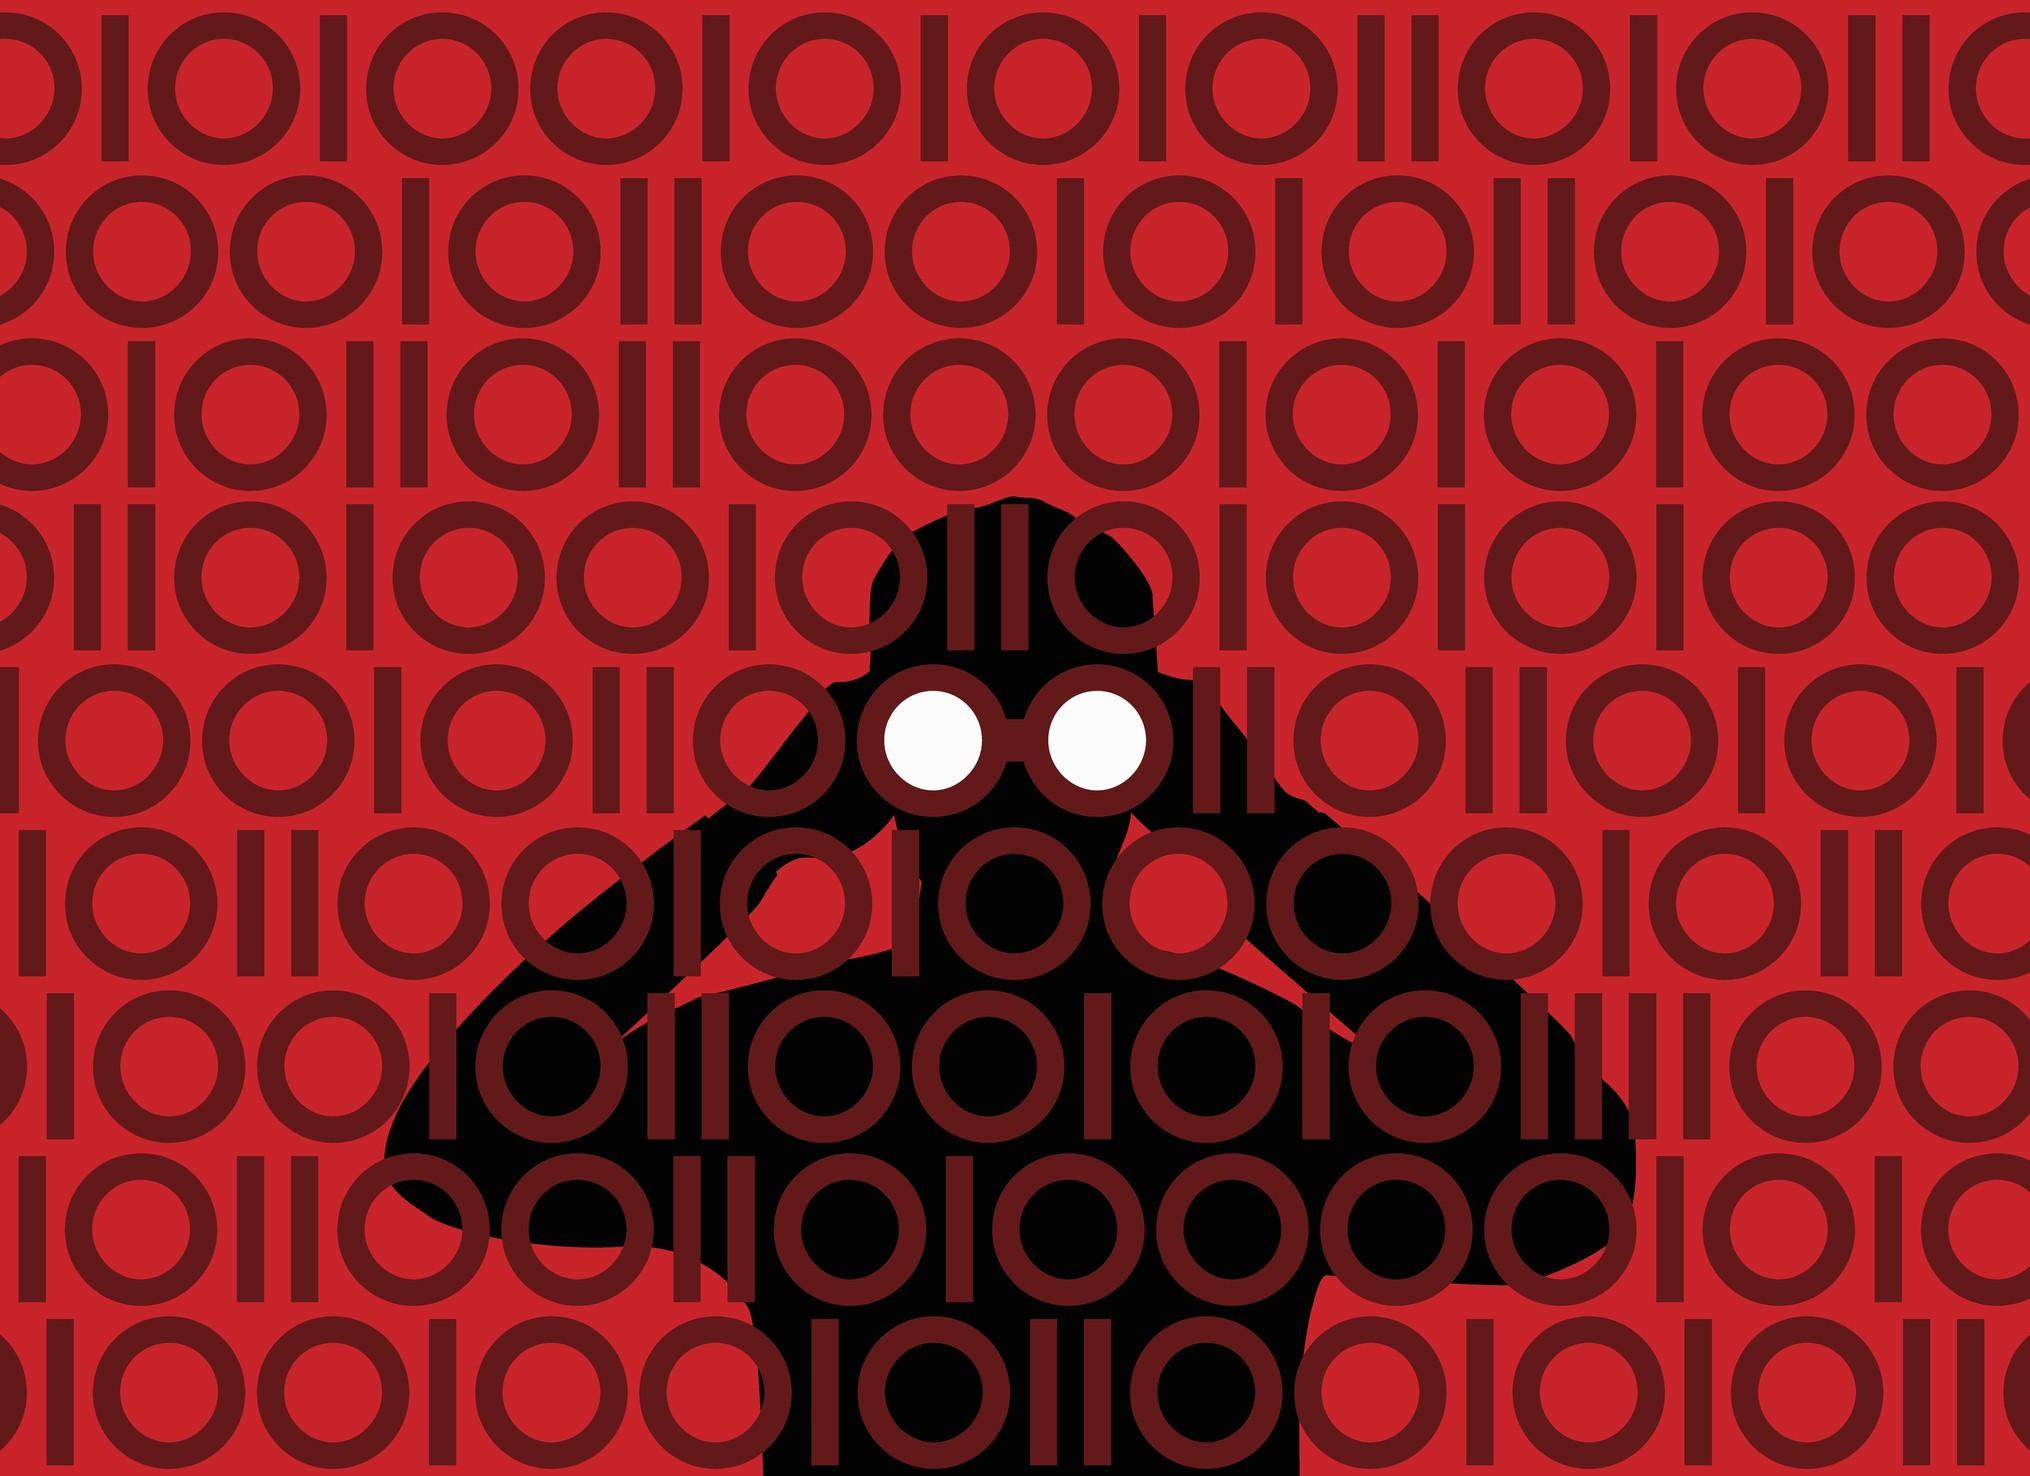 Big Data & Analytics - cover